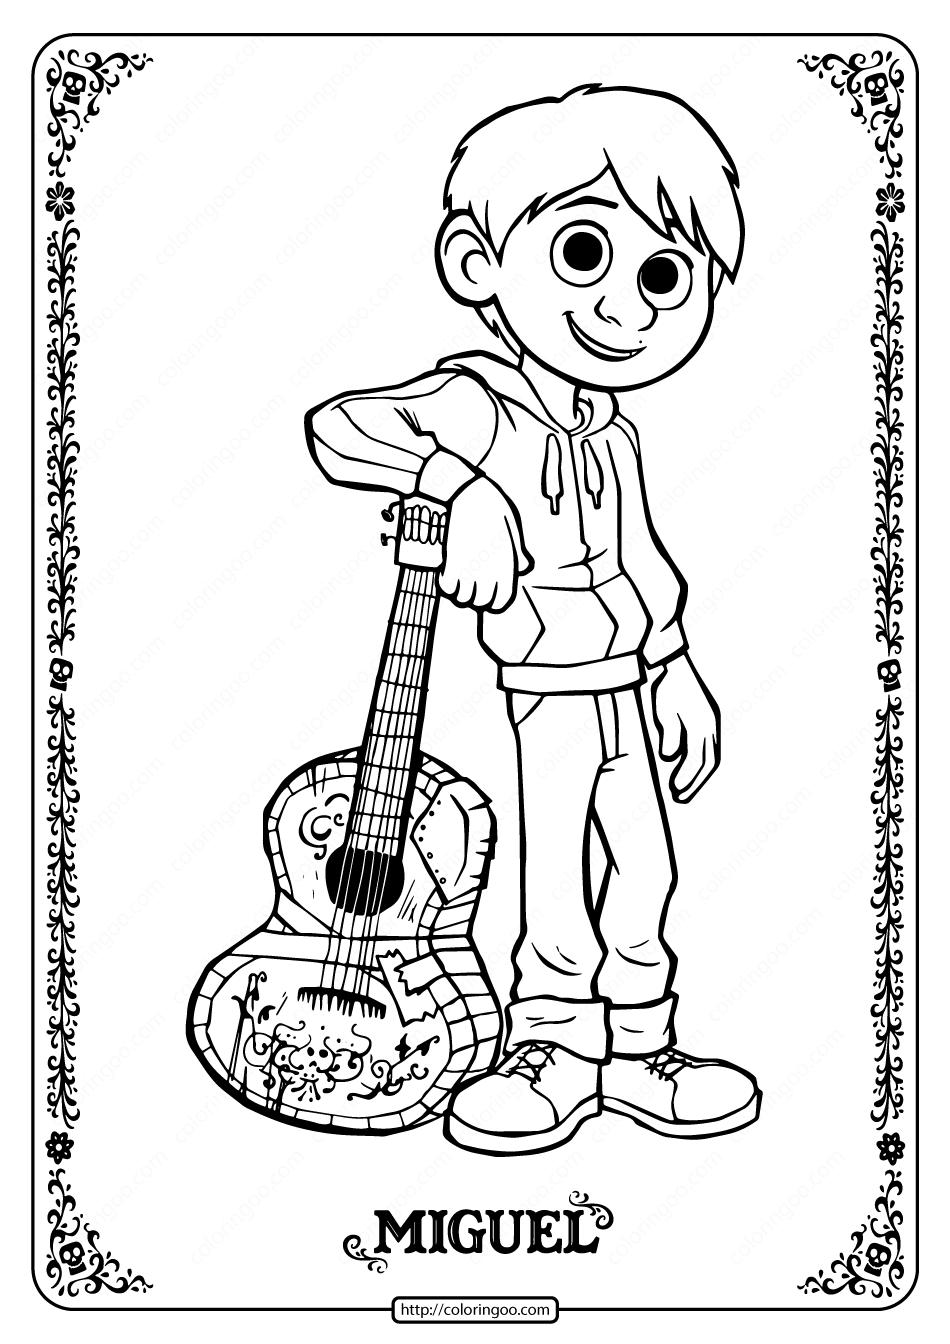 Printable Disney Coco Miguel Coloring Pages